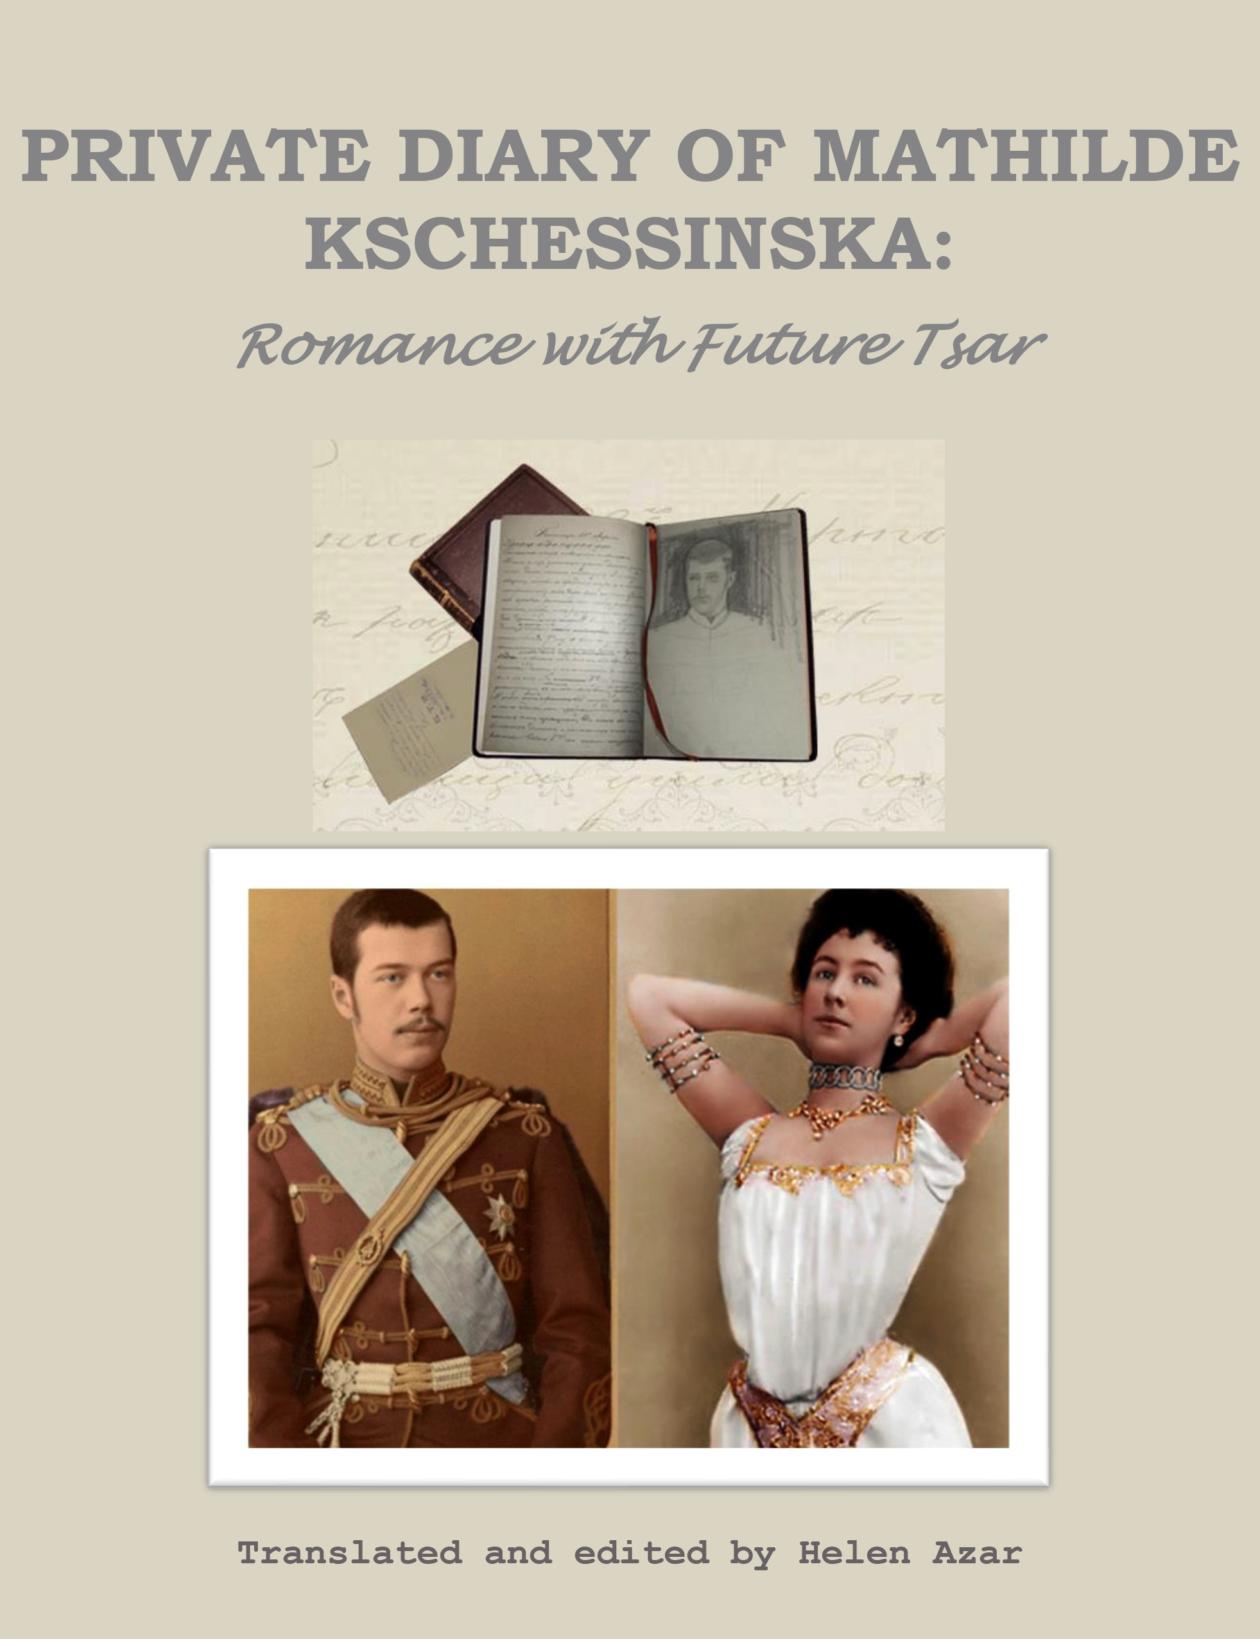 Private Diary of Mathilde Kschessinska